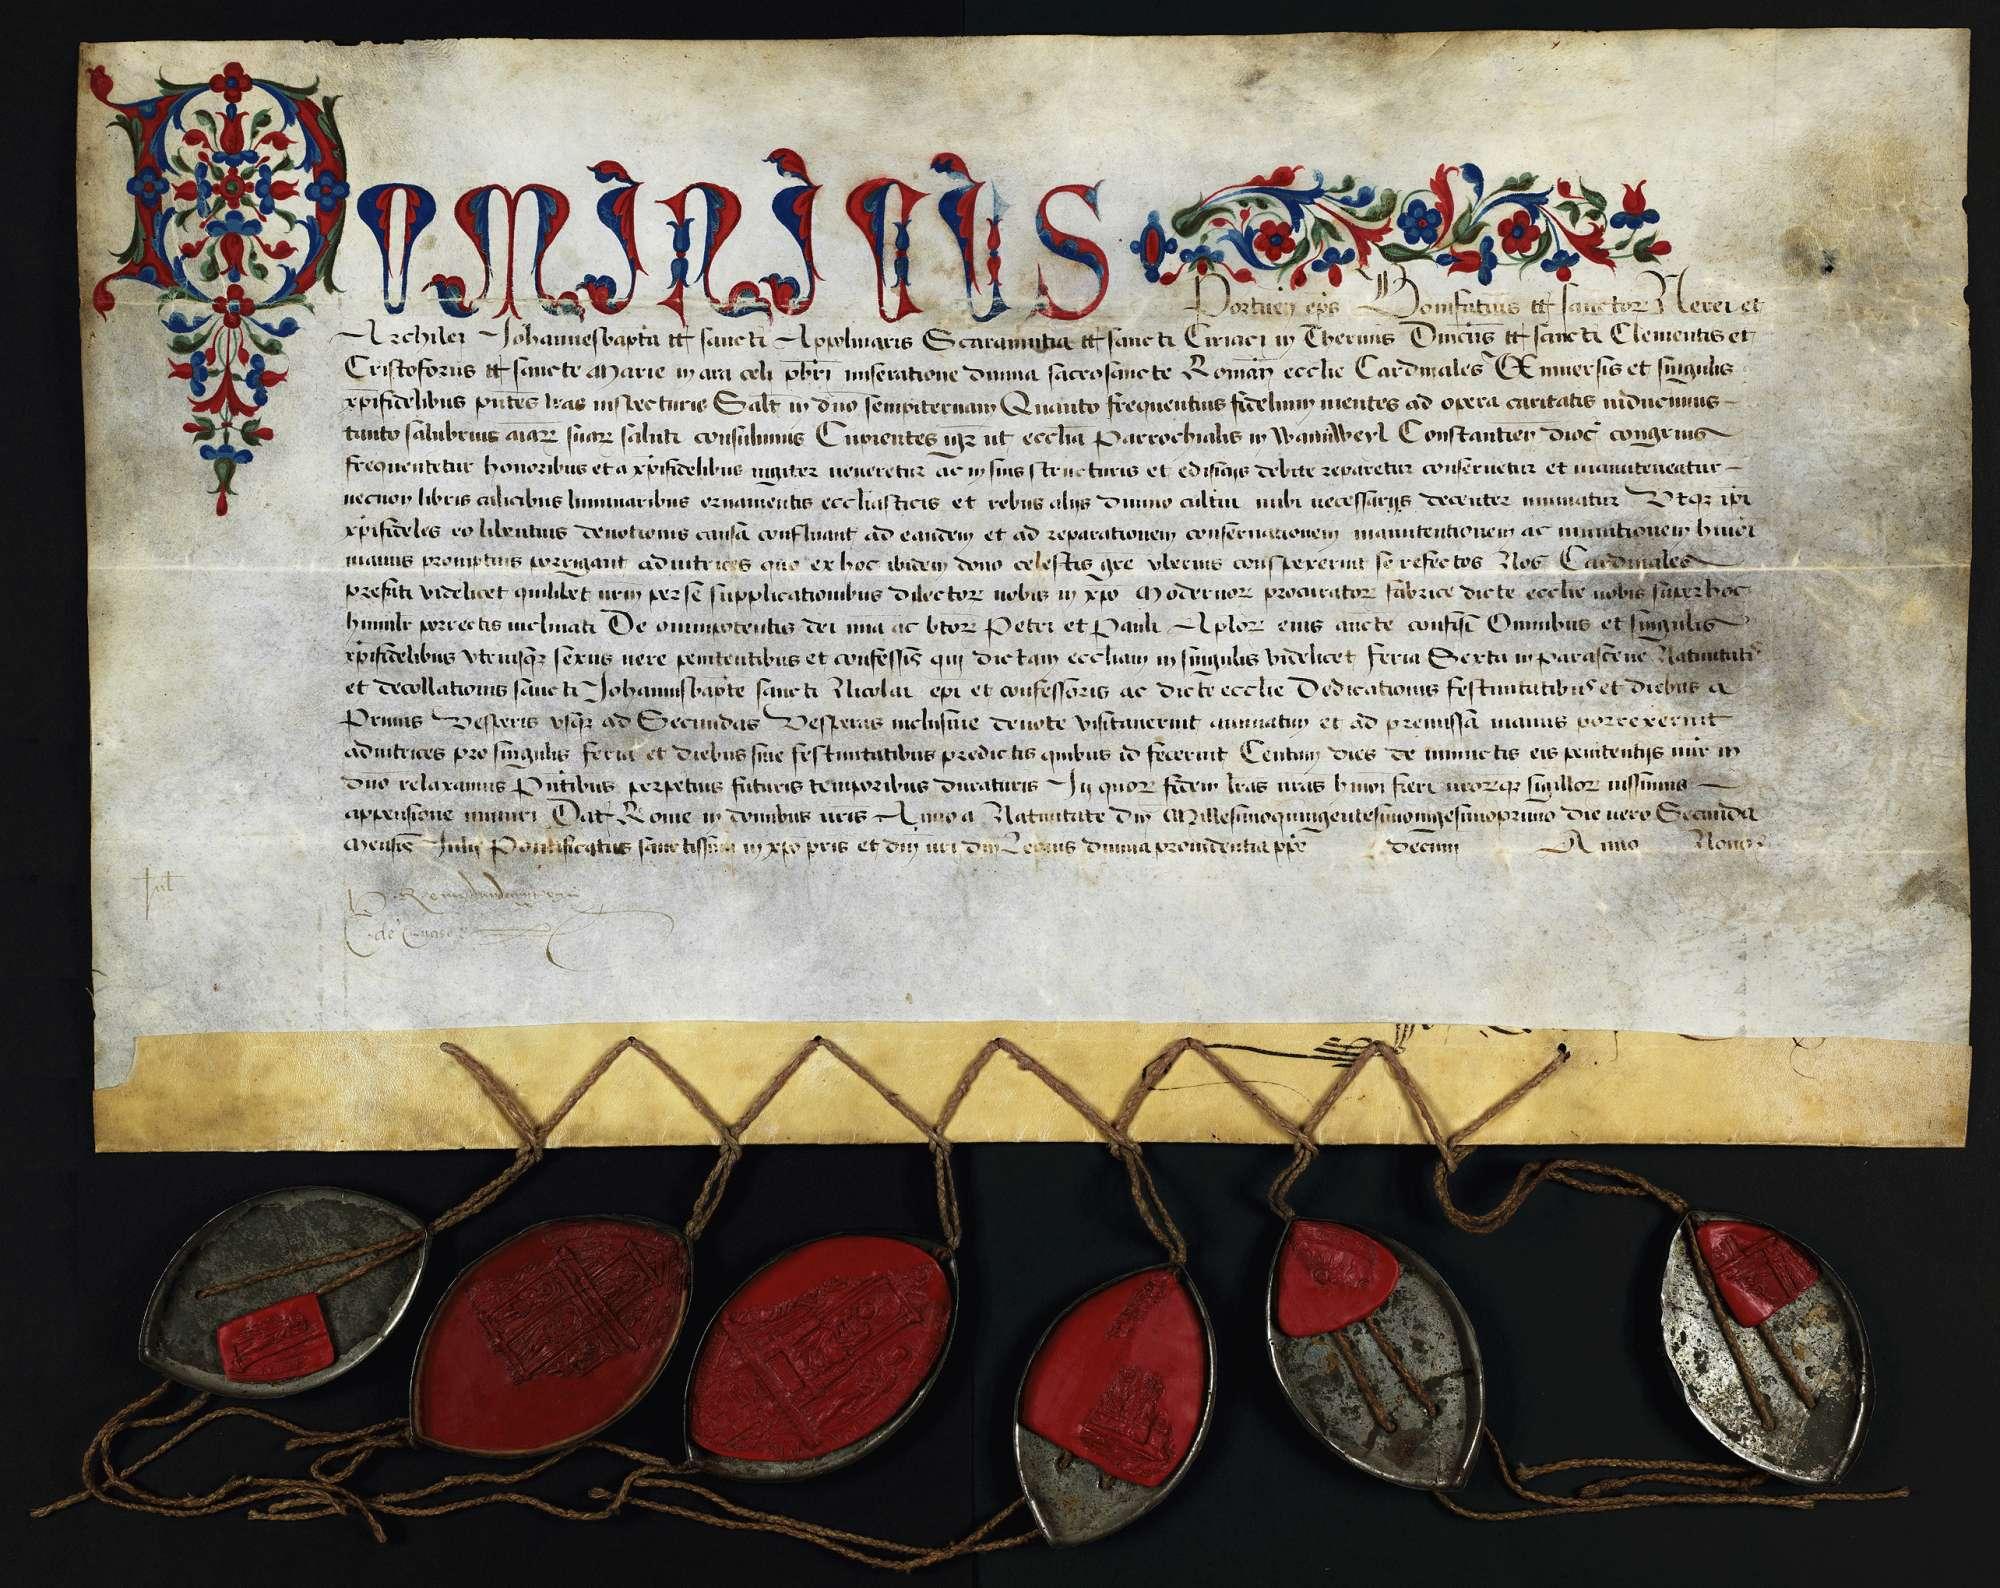 Dominicus, Bischof von Porto und 5 andere Kardinalpriester erteilen der Pfarrkirche in Wannweil zu Ausbau, Ausbesserung und Ausschmückung einen Ablass von 100 Tagen., Bild 1